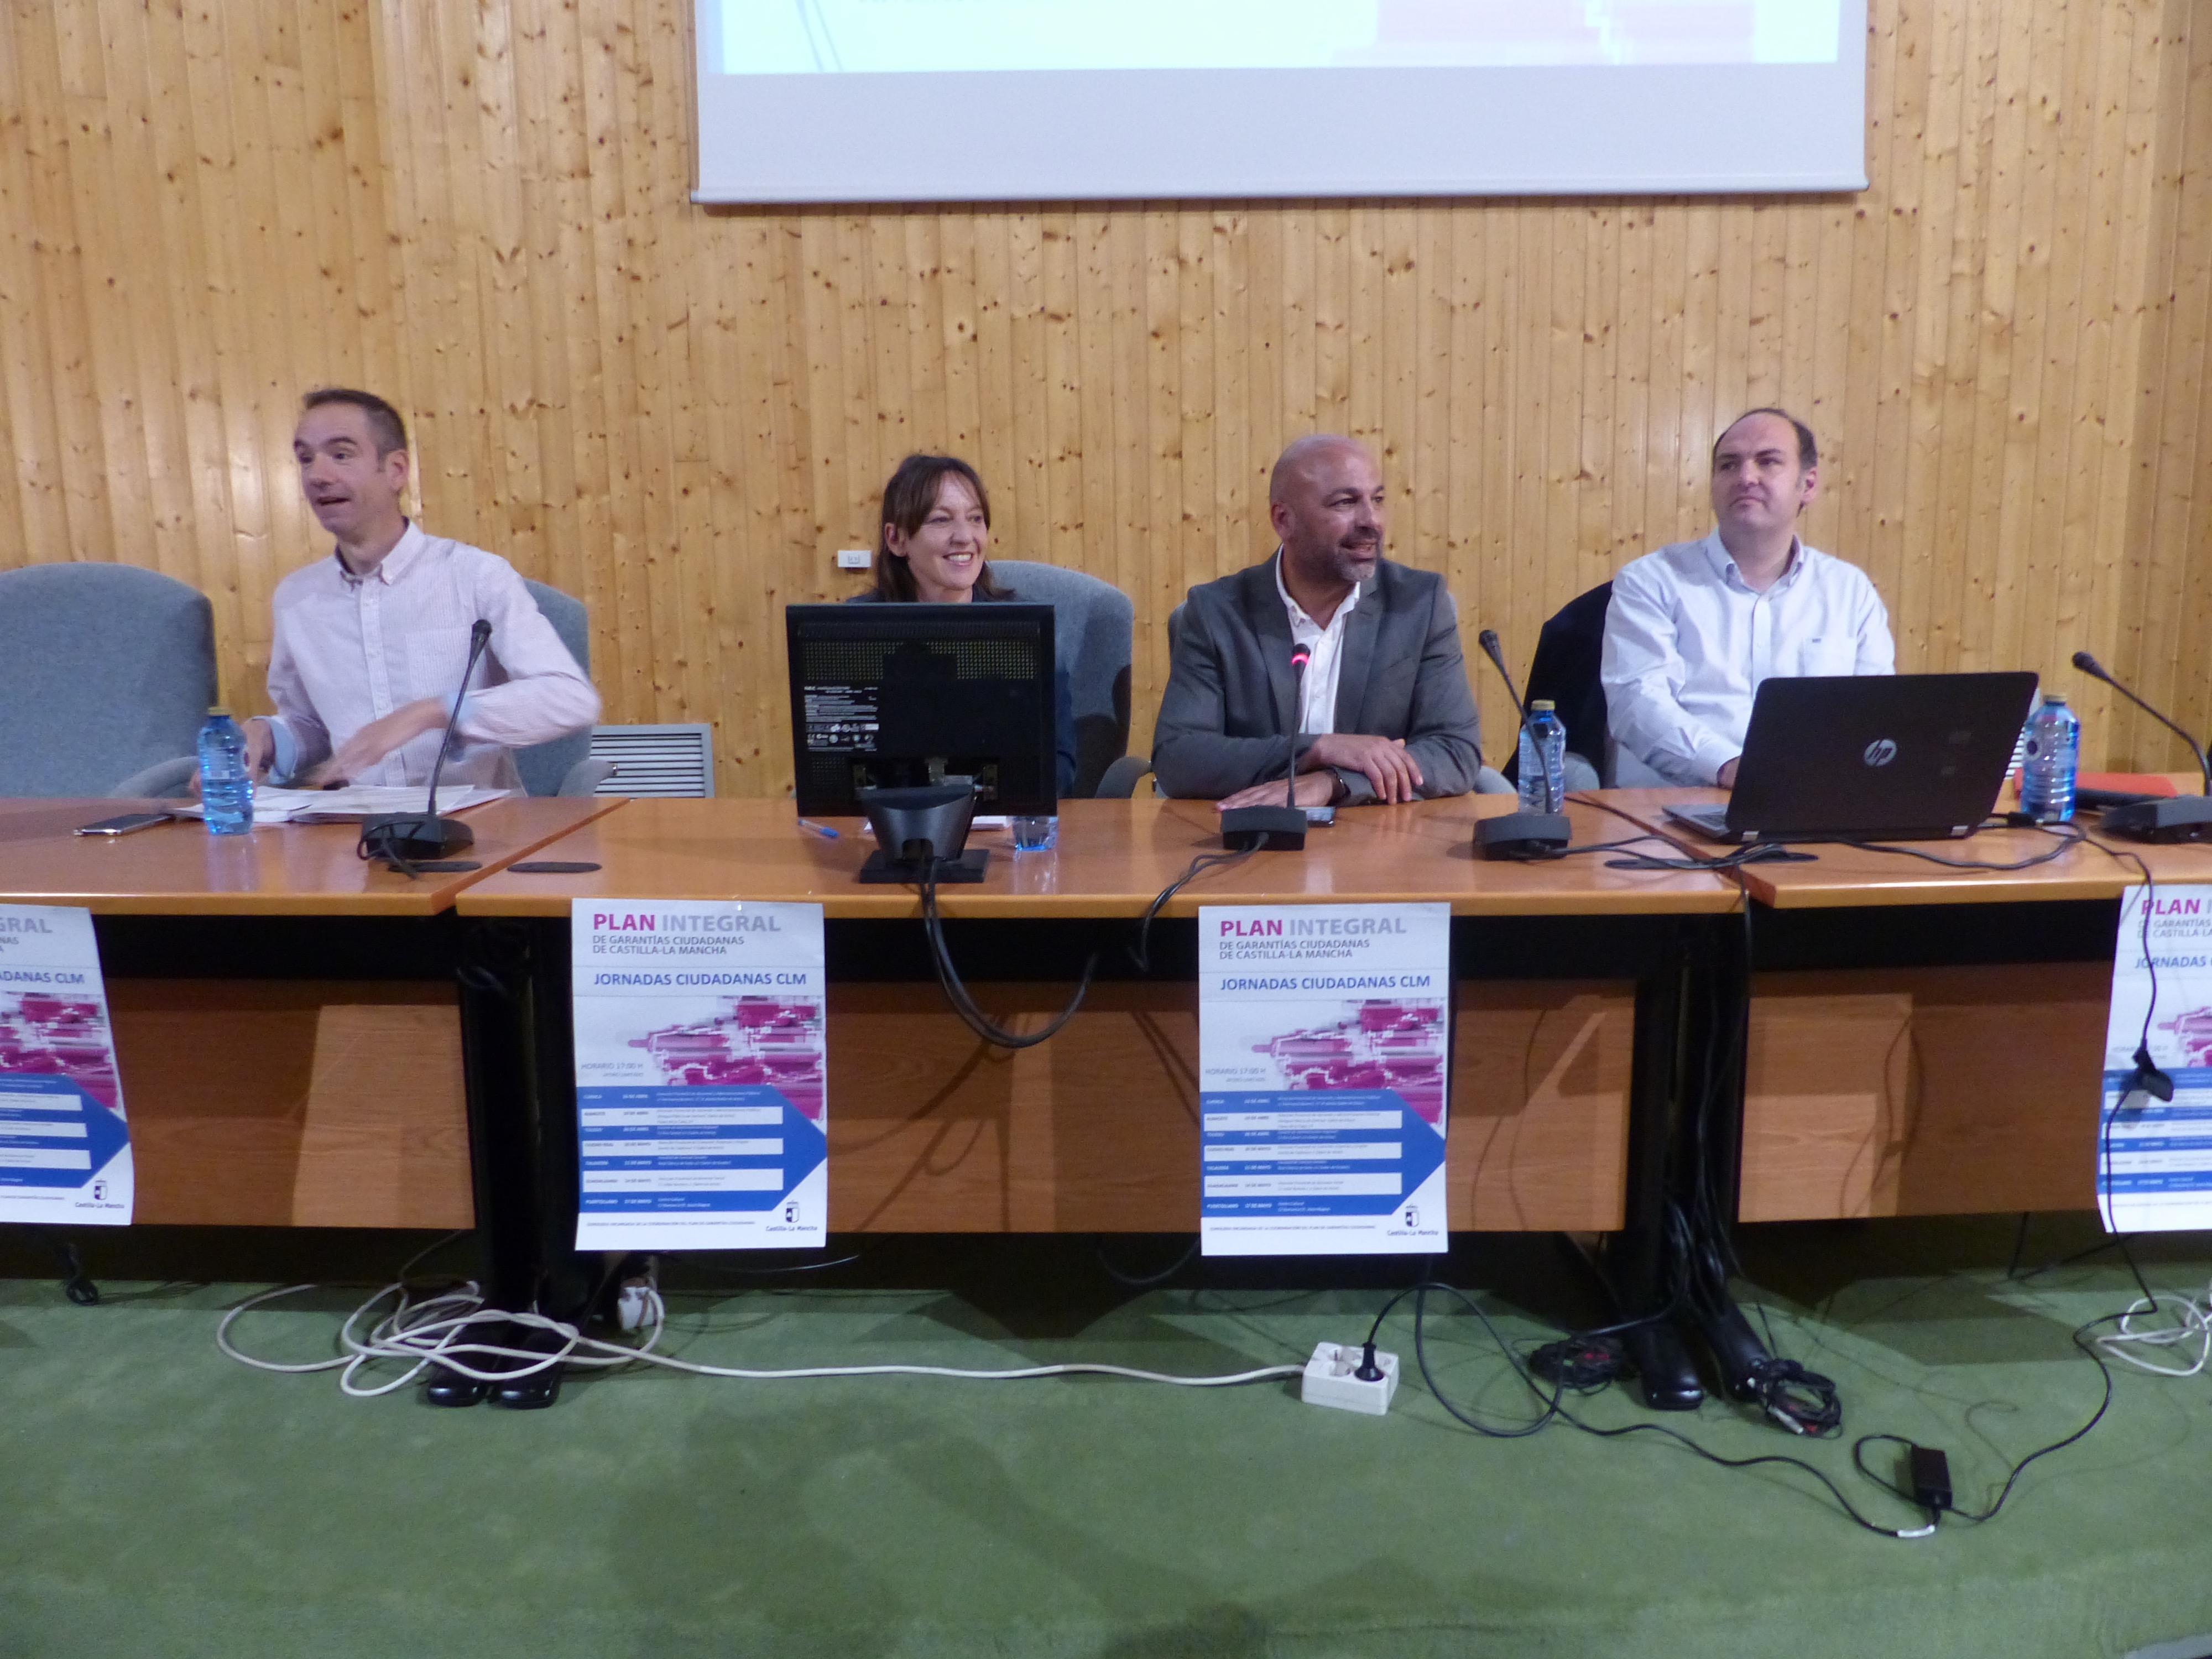 La futura Ley de Garantía de Ingresos y Garantías Ciudadanas marcará un antes y un después en Castilla-La Mancha